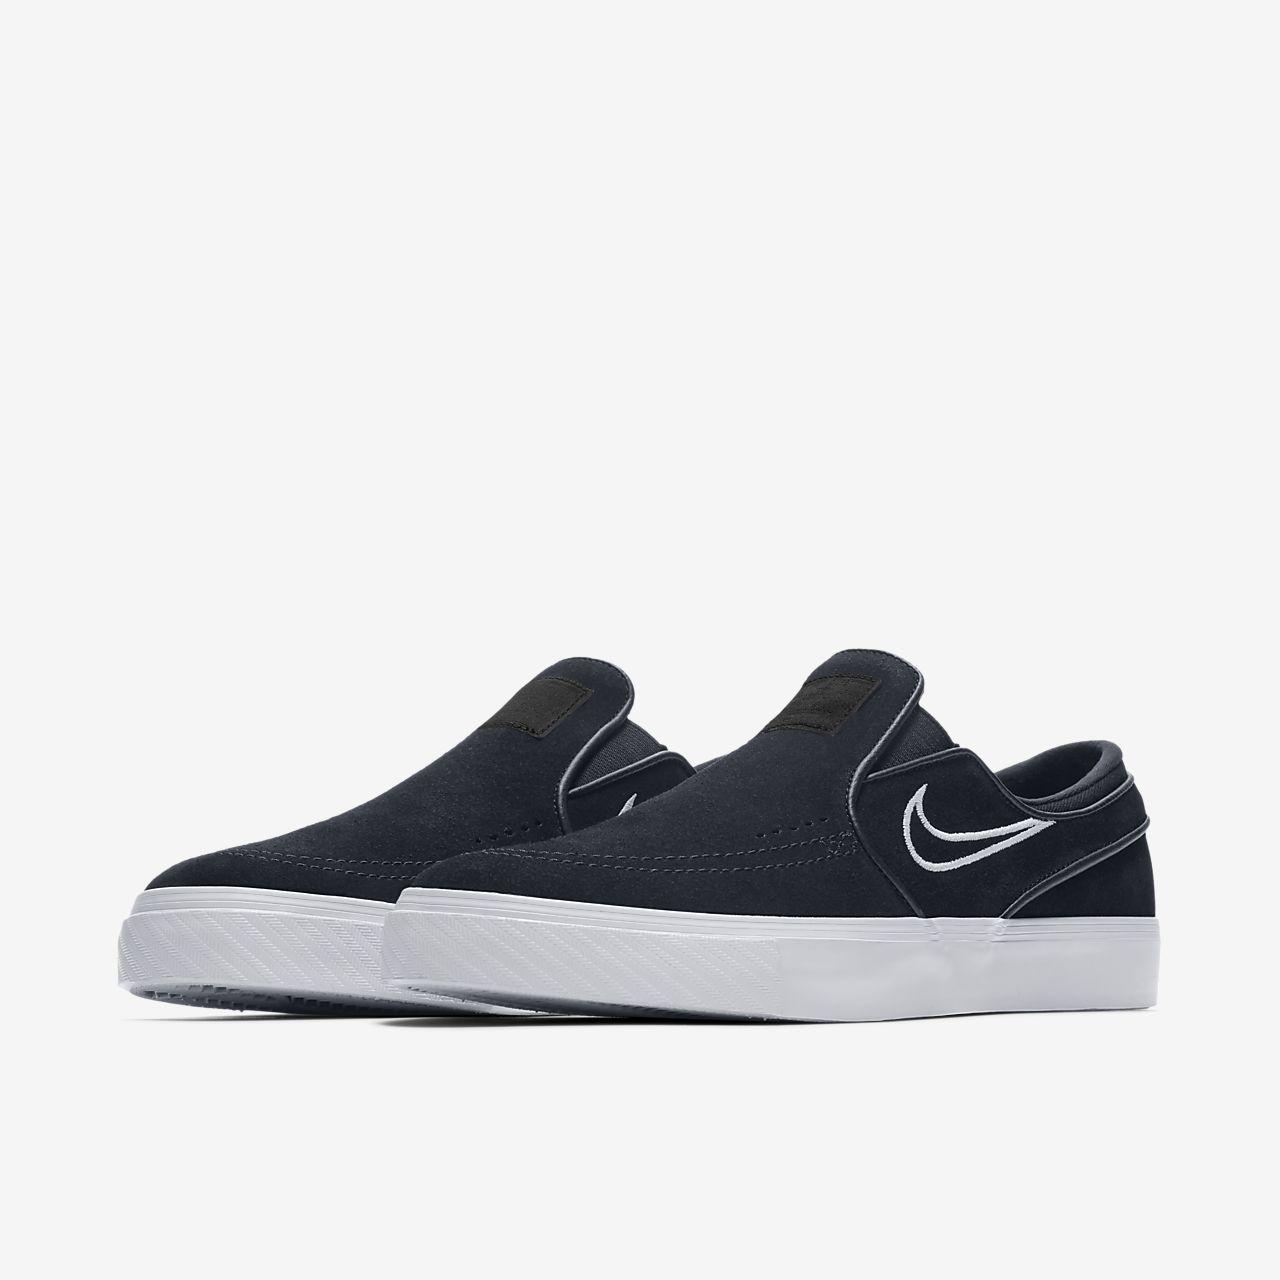 Nike Sb Janoski Slip On Sneakers In Black - Black Nike 19zqUaW4S1